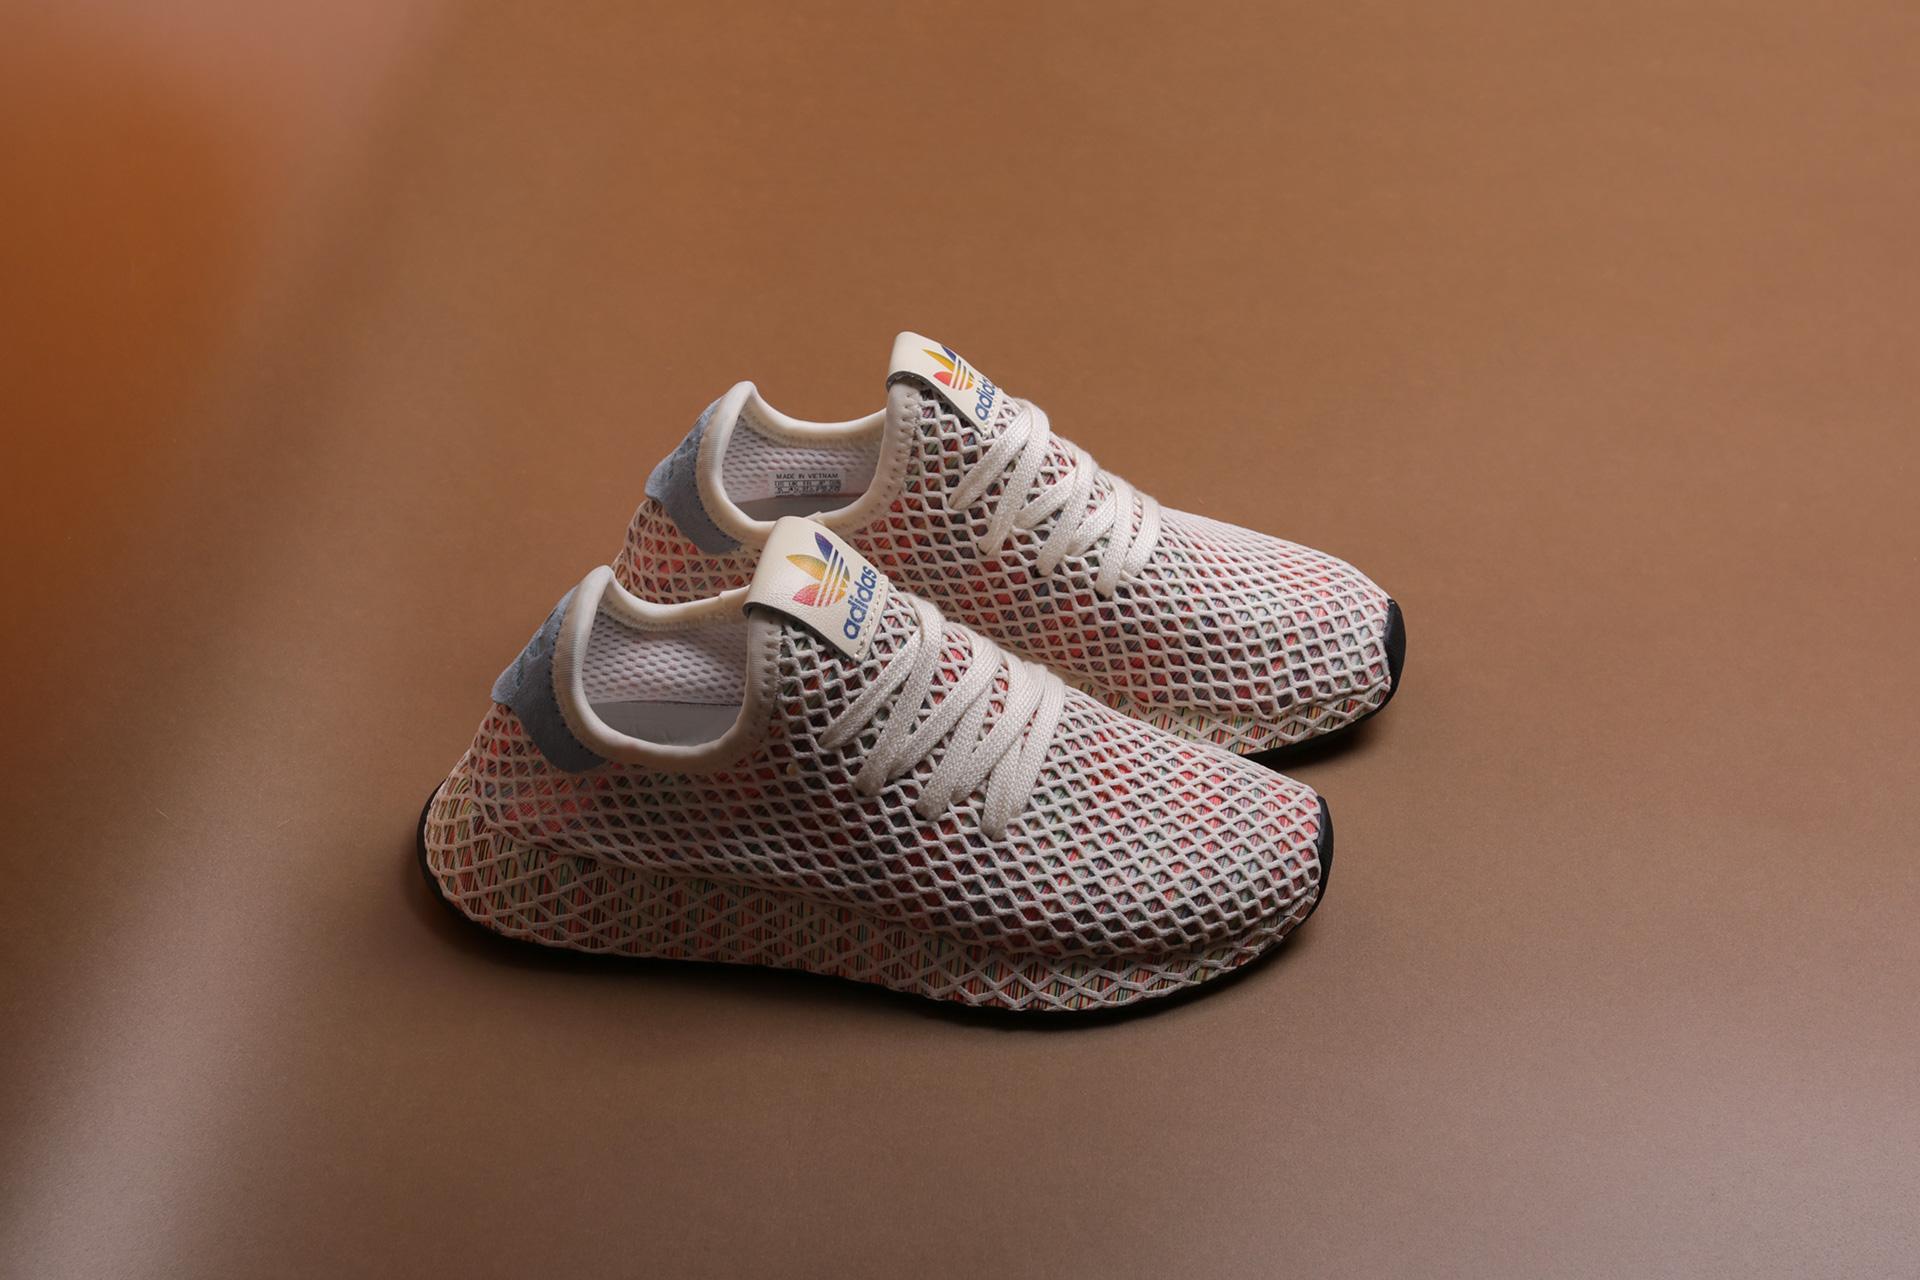 86d8b430b208f6 Купить бежевые кроссовки Deerupt Pride от adidas Originals (CM8474 ...